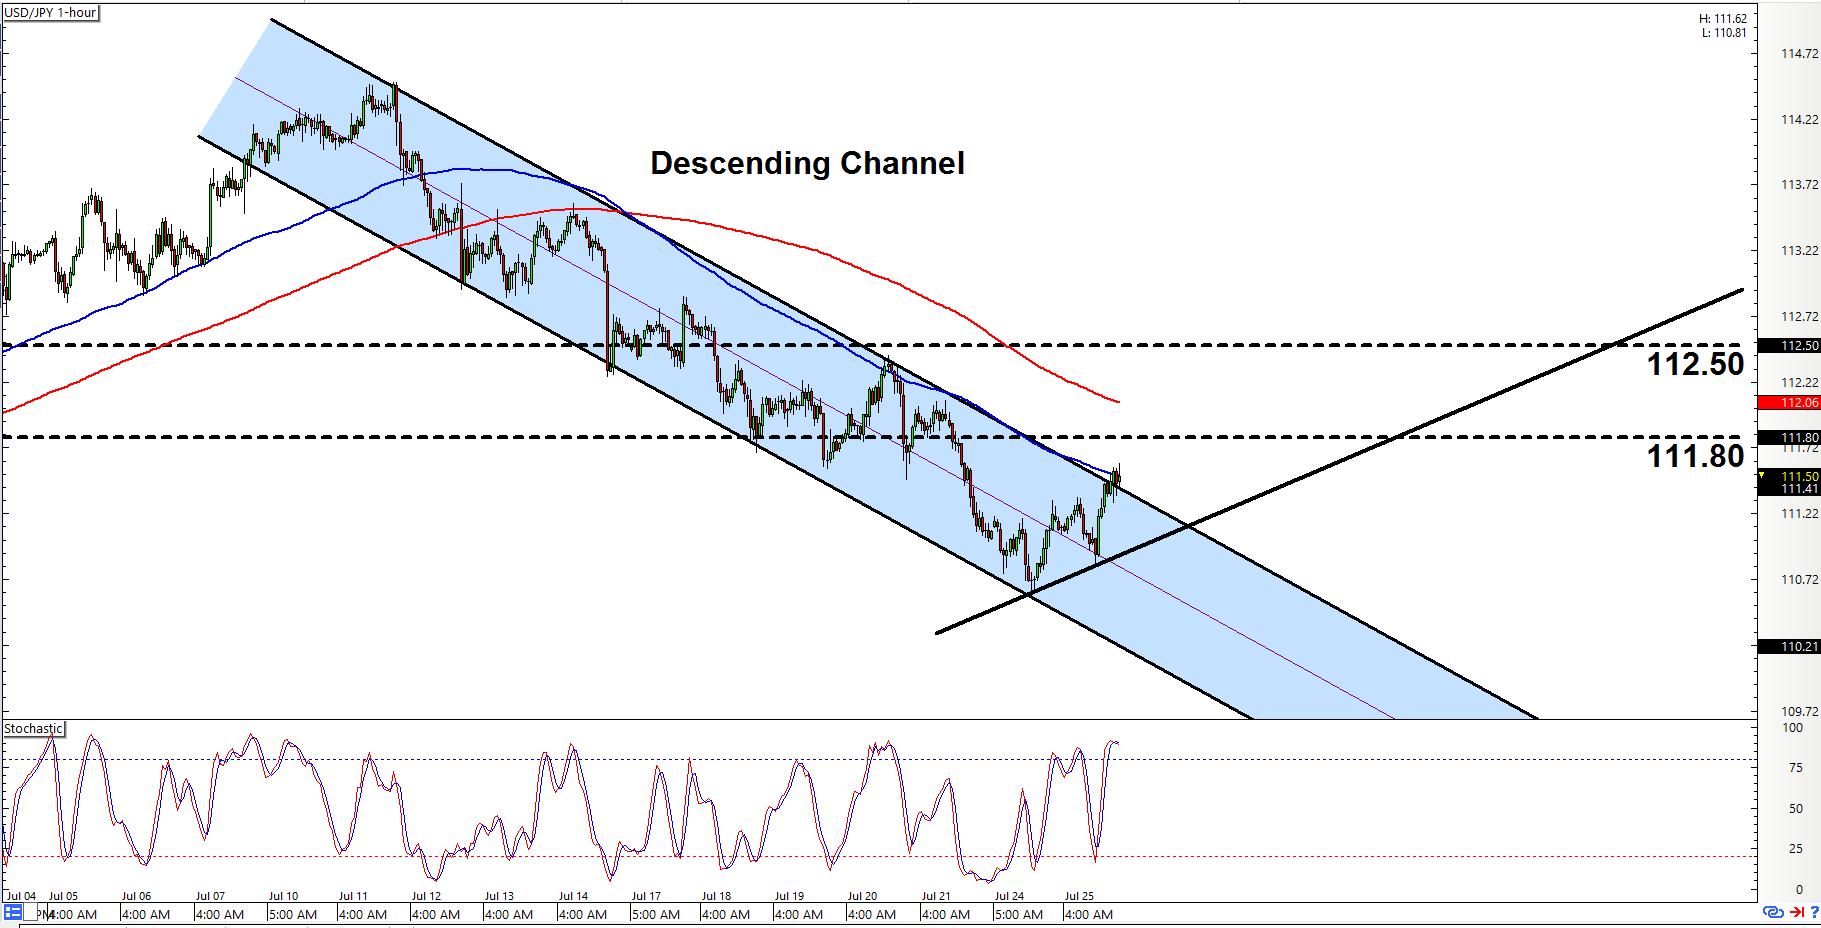 USDJPY Chart (US Dollar / Japanese Yen Forex Chart)